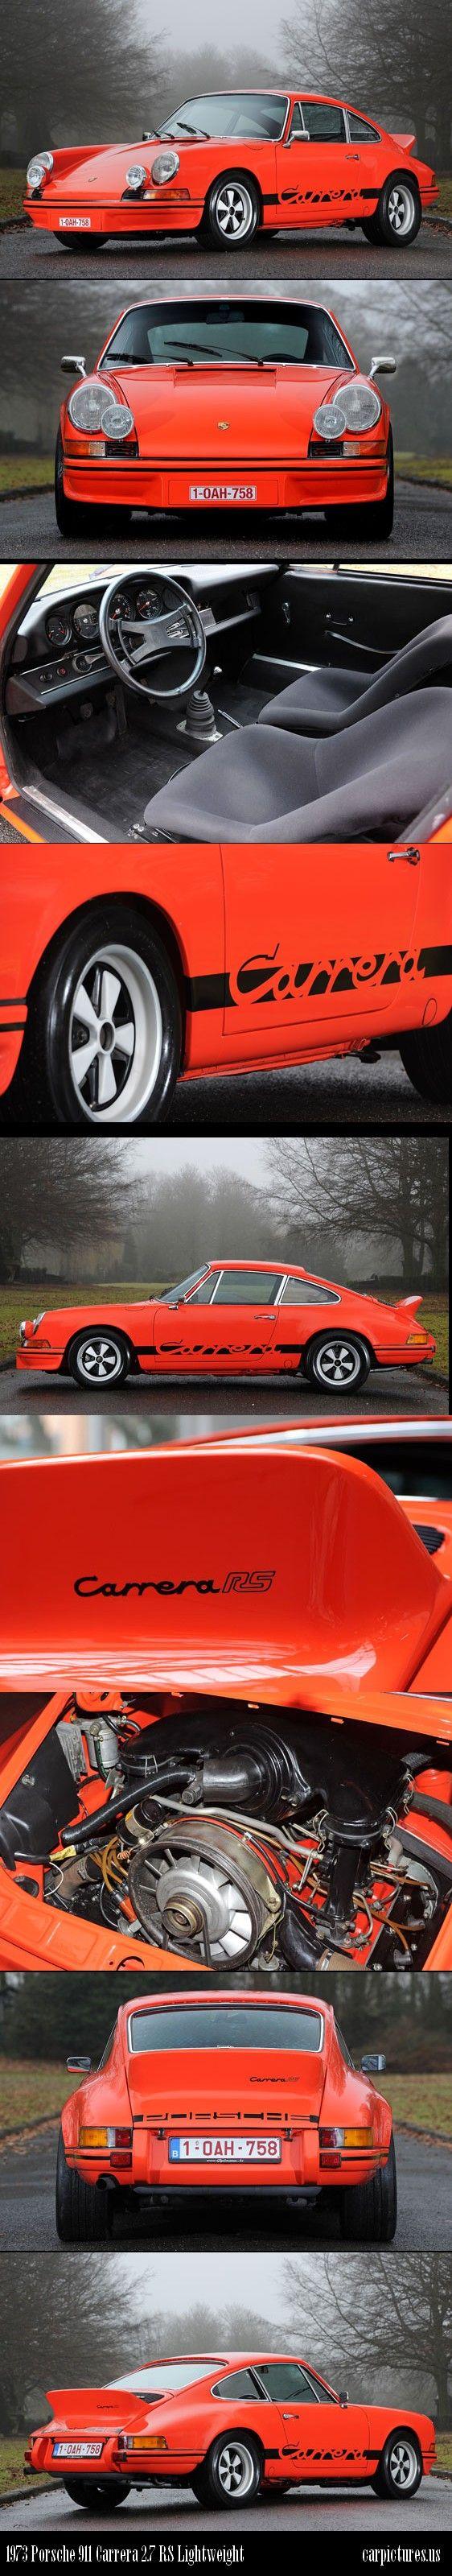 1973 Porsche 911 Carrera 2.7 RS Lightweight. Source: RM Auctions.